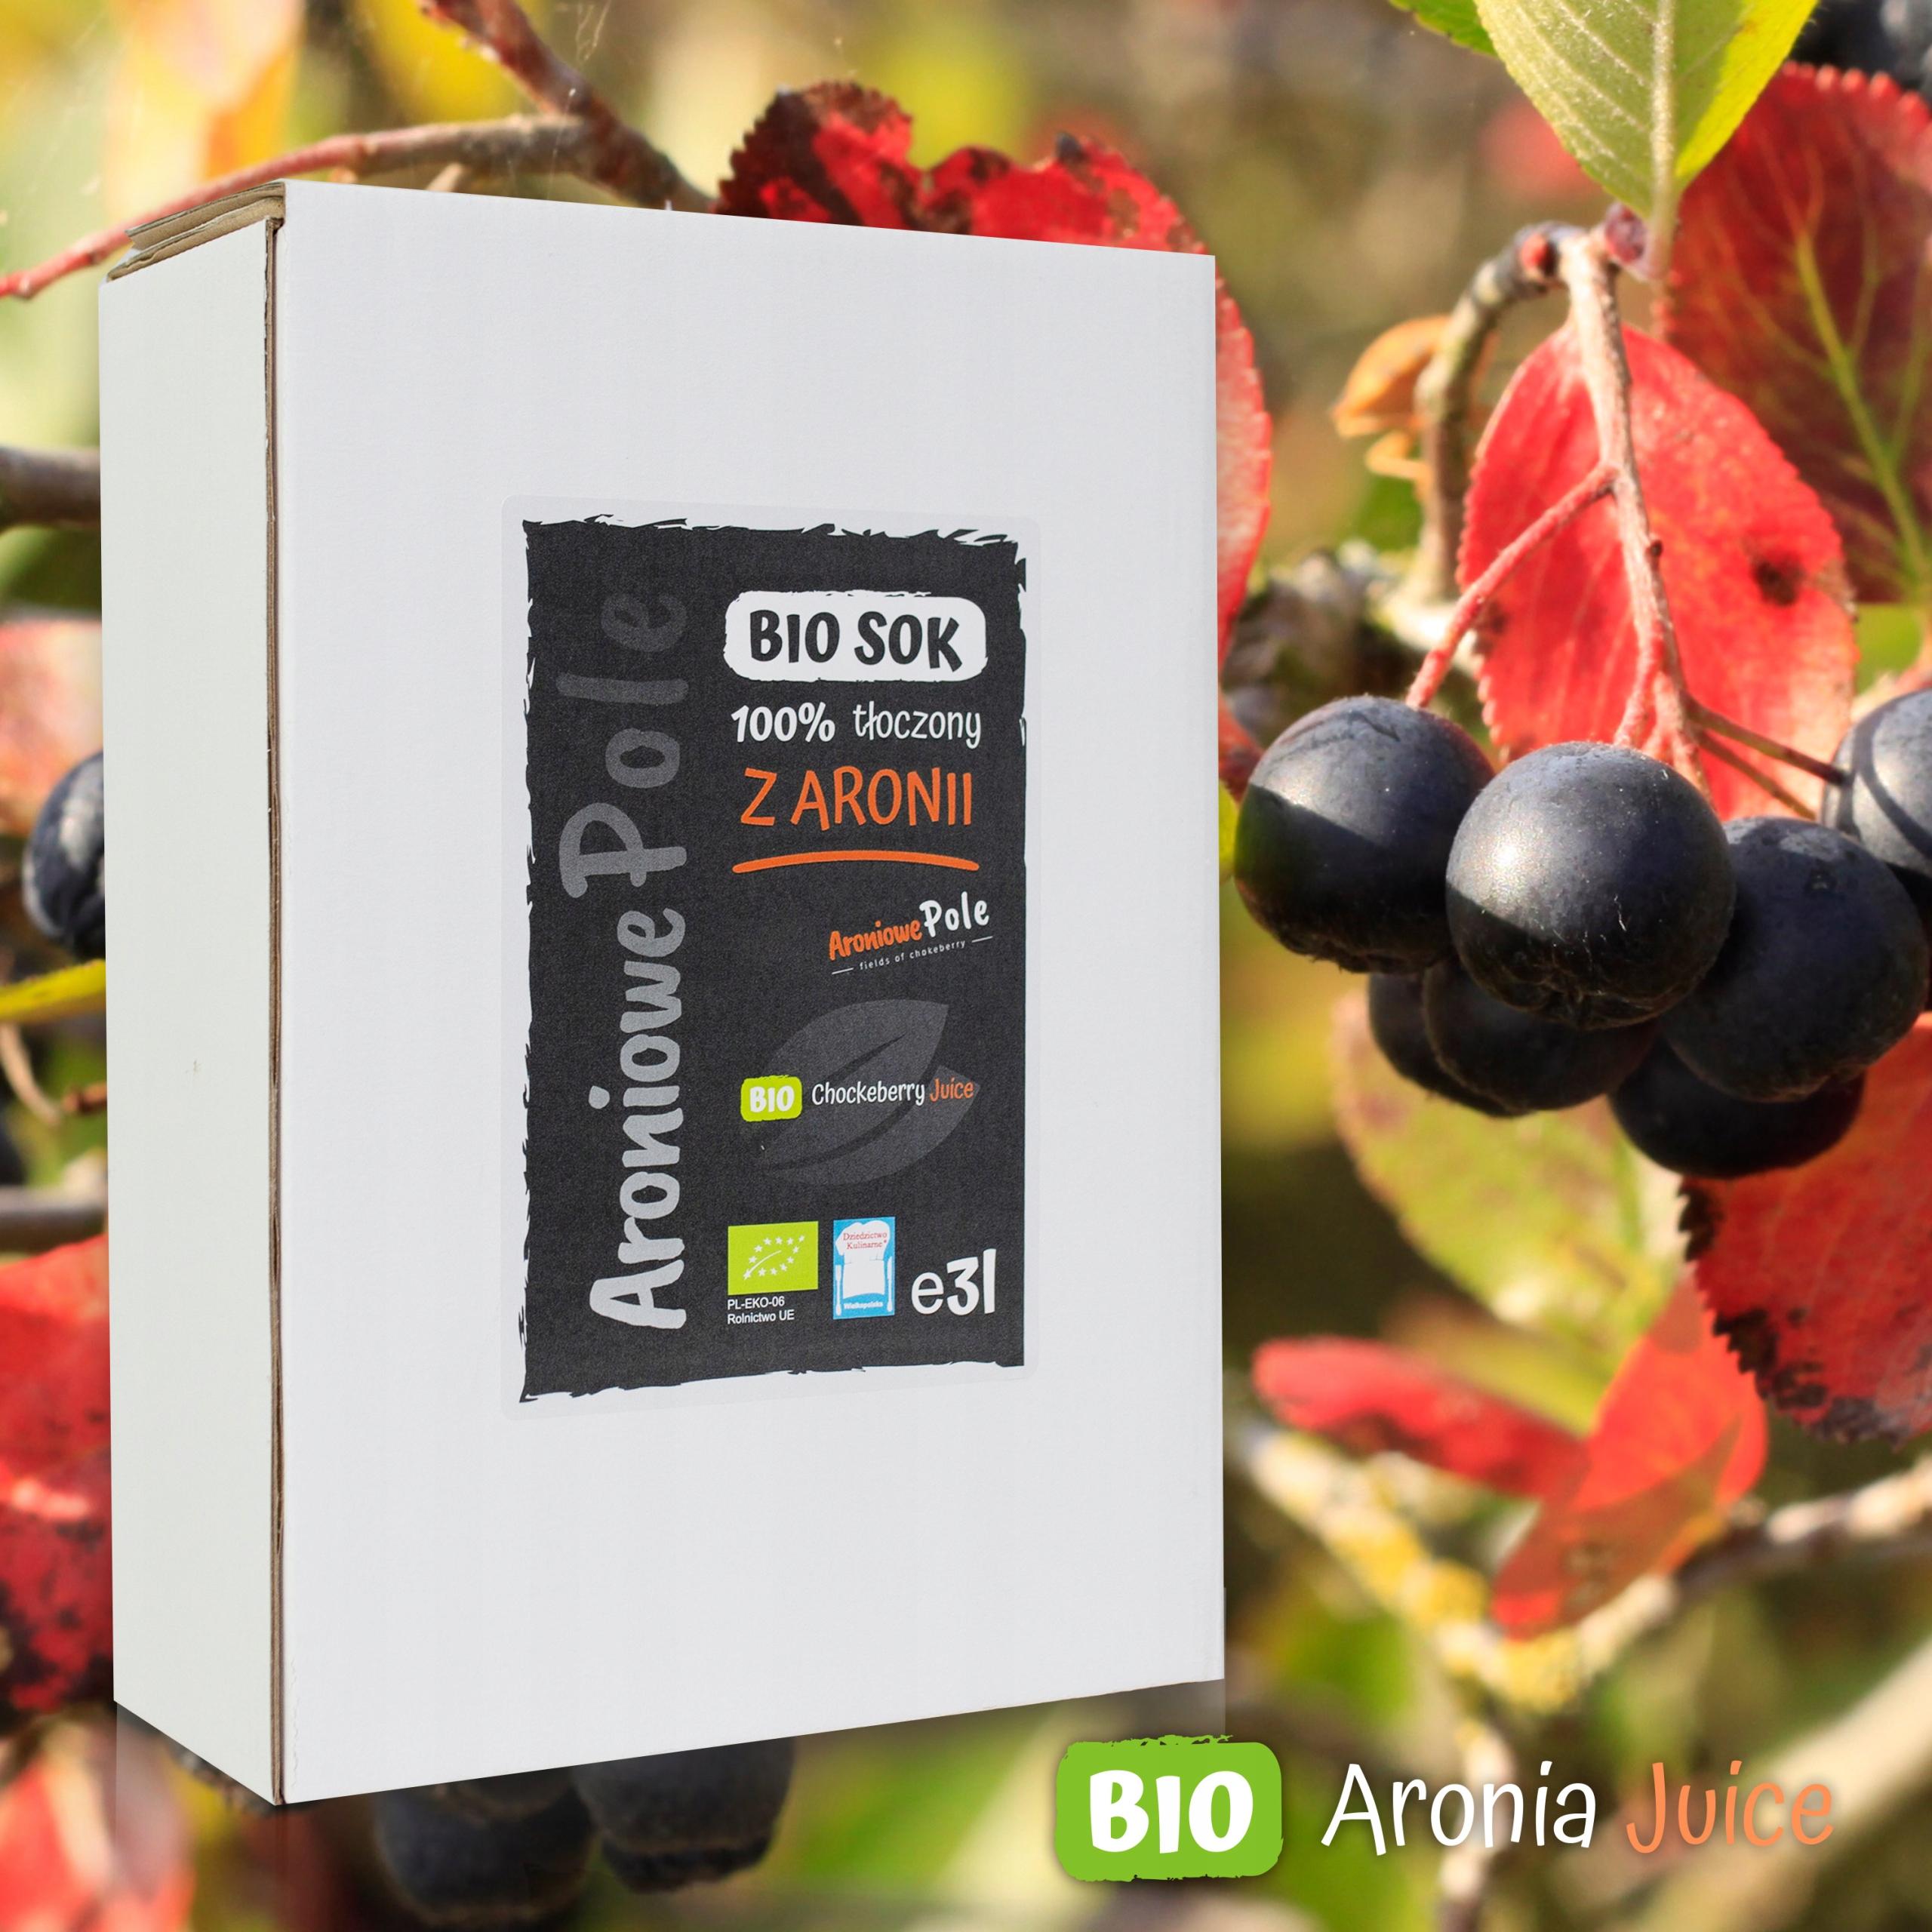 BIO Aronia Juice 3L прессованный 100% -ный завод